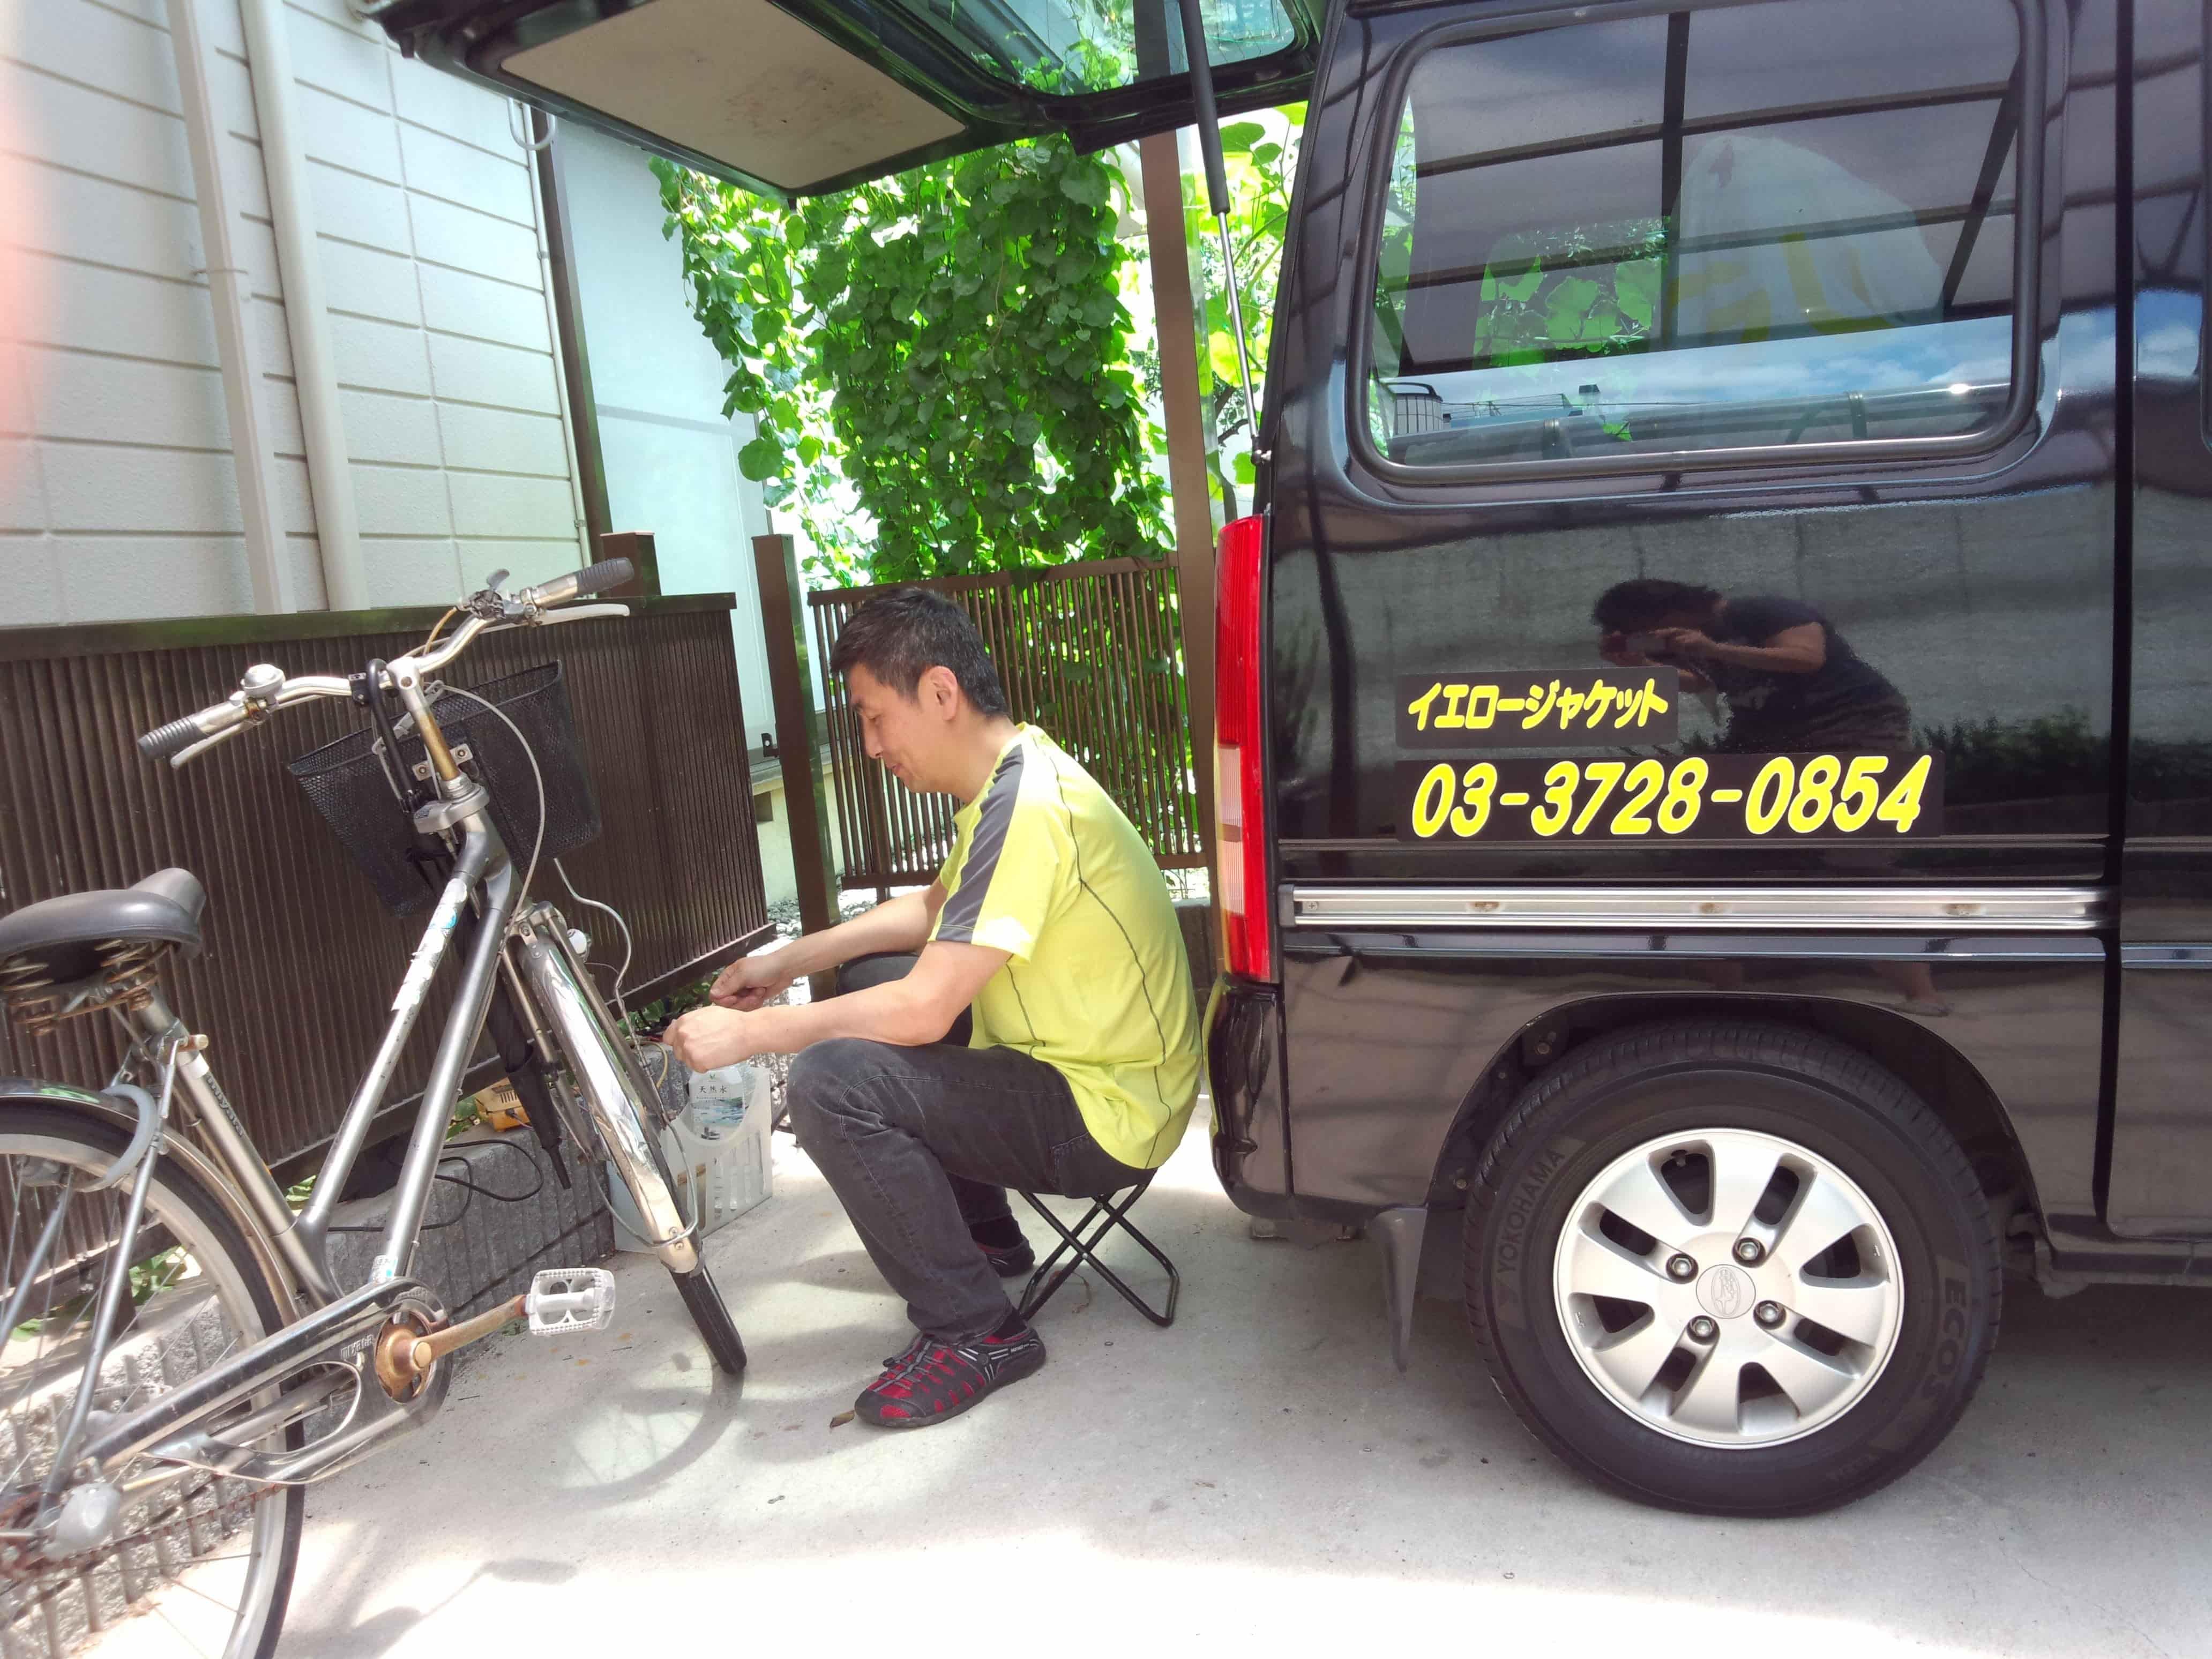 ご自宅での自転車修理